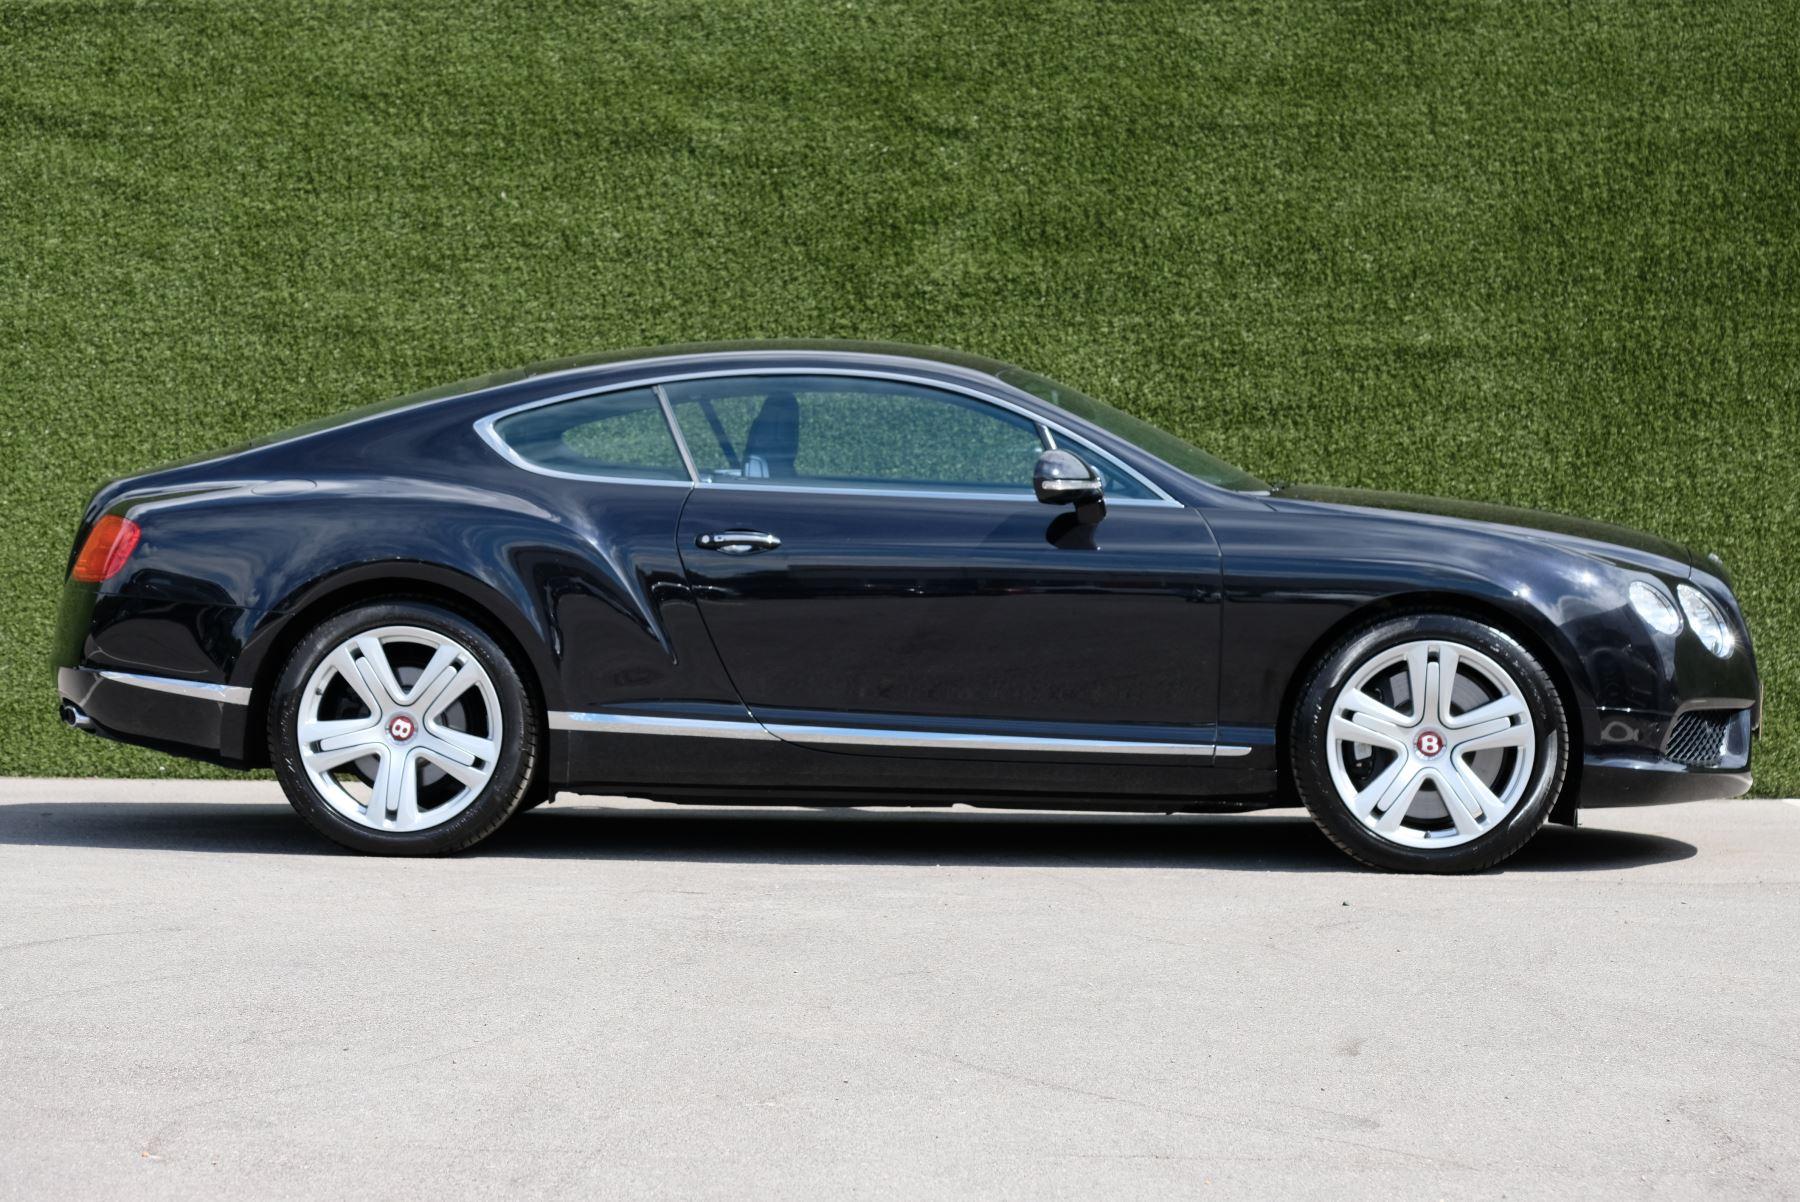 Bentley Continental GT 4.0 V8 2dr image 5